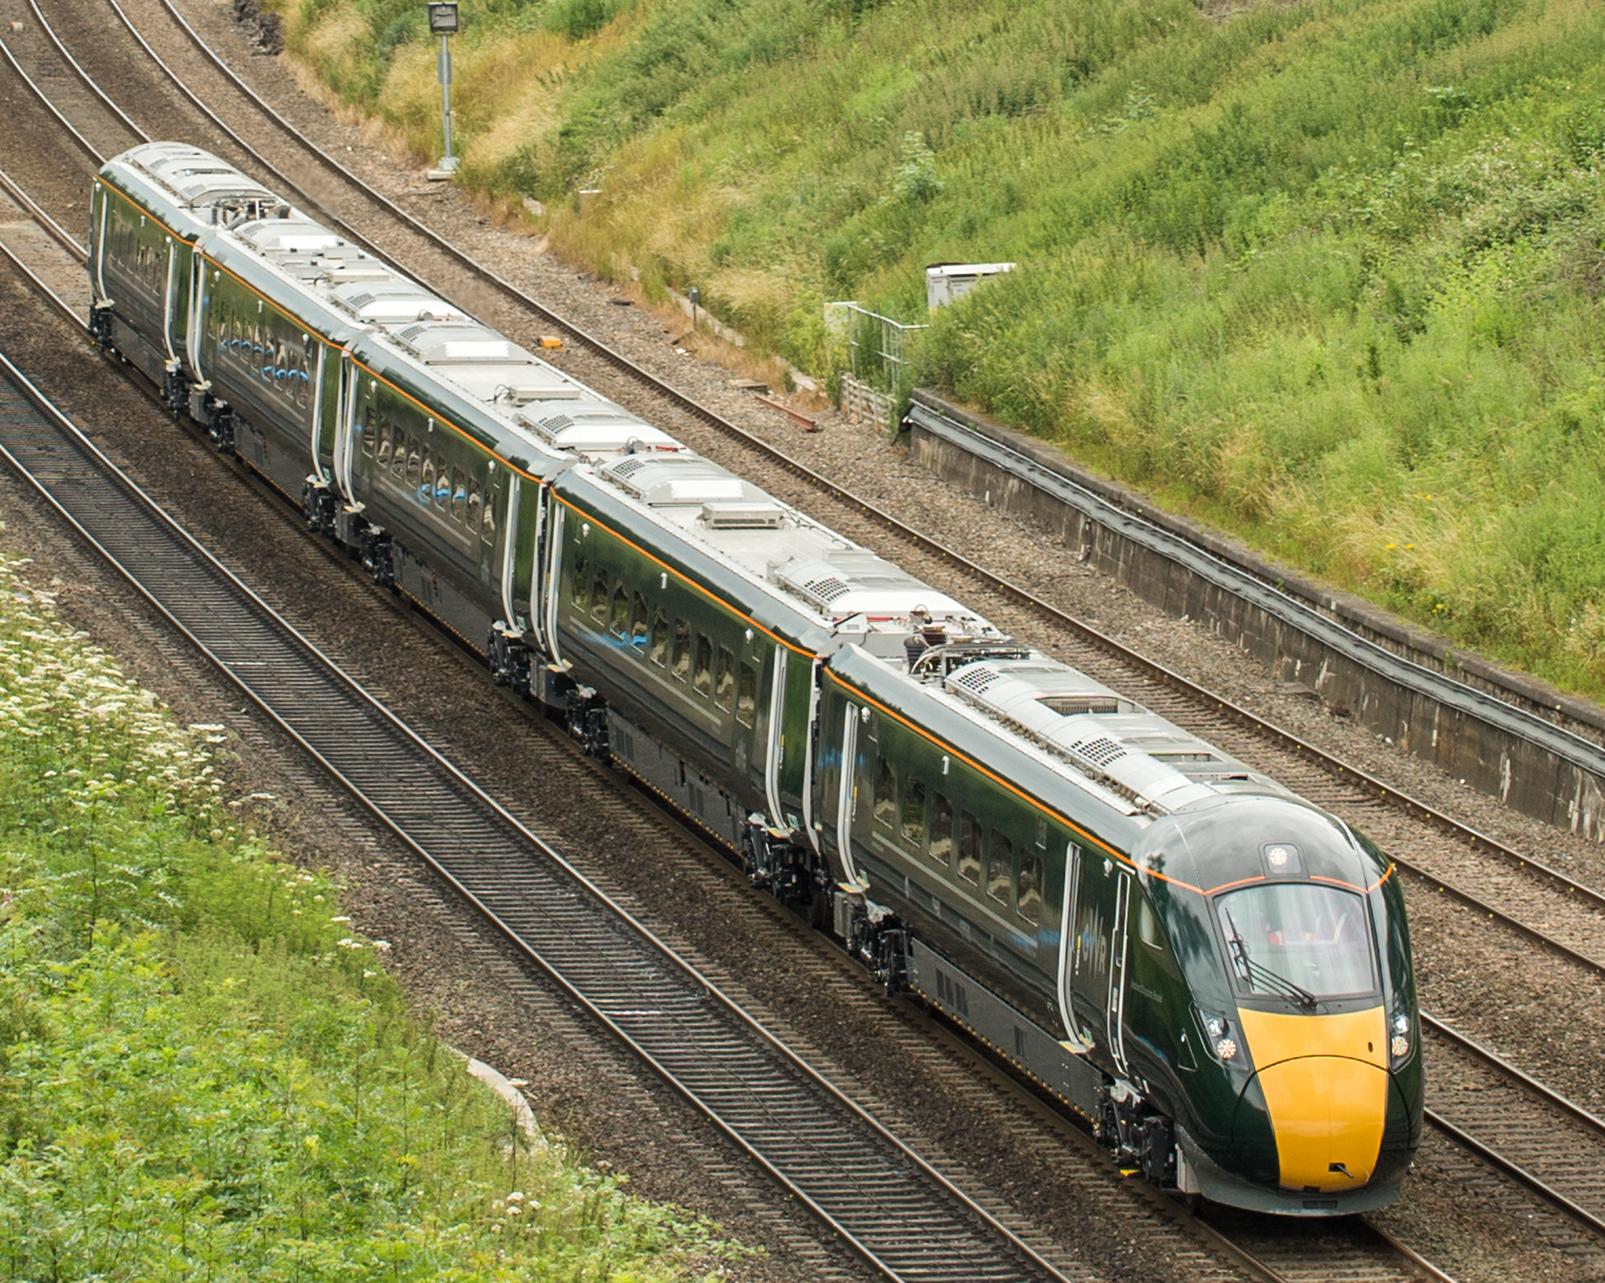 GWR Intercity Express Train edited